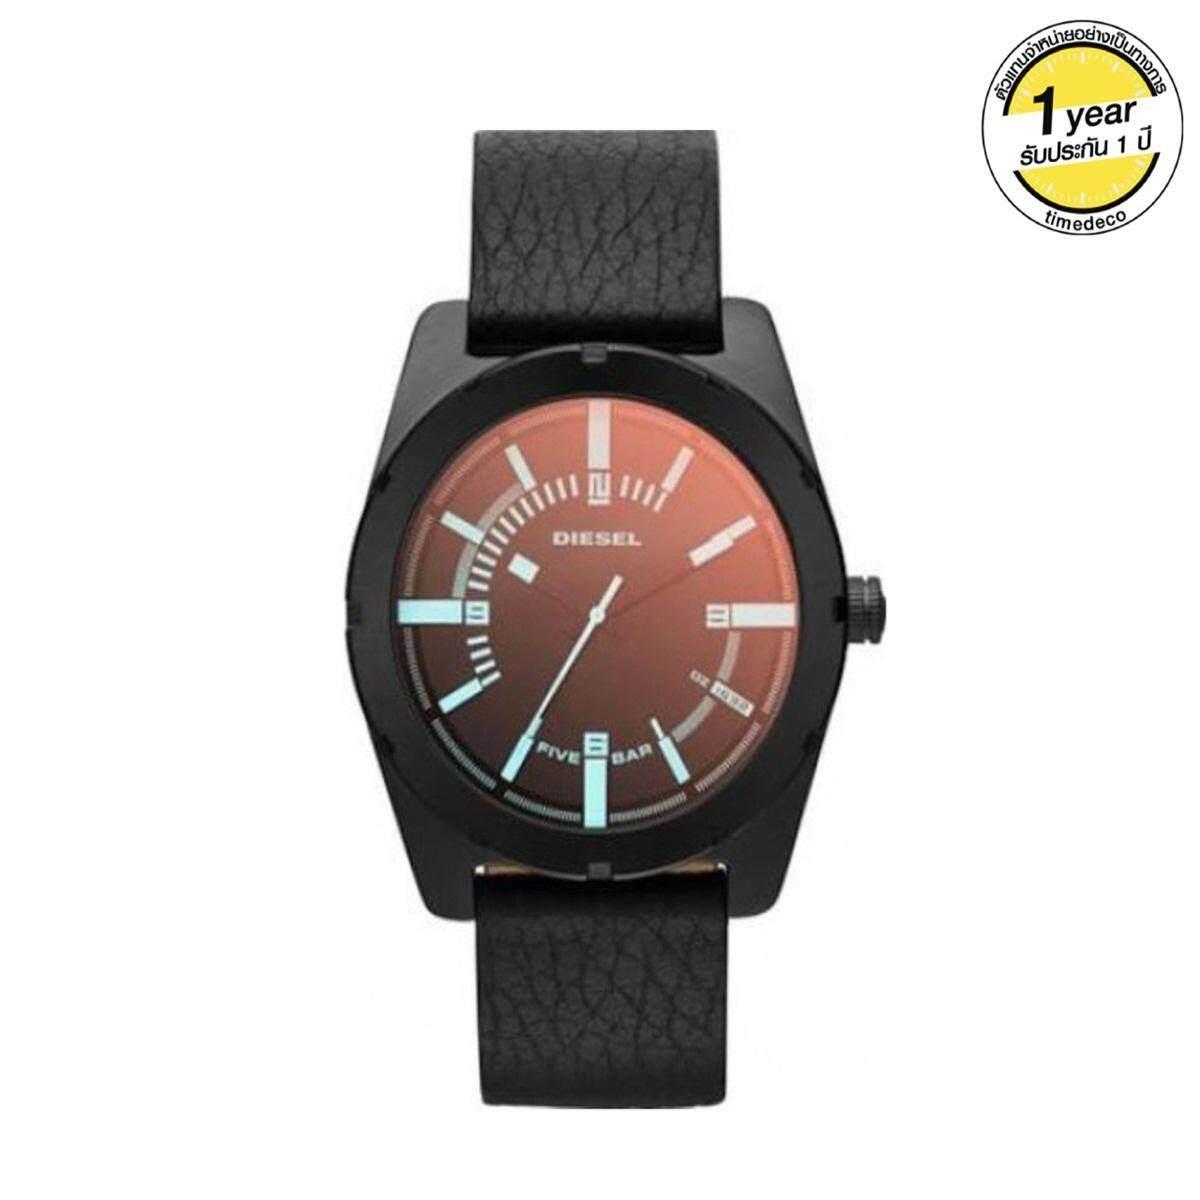 3ede68d521d ซื้อ นาฬิกา ดีเซล ราคาถูก Diesel นาฬิกาข้อมือ